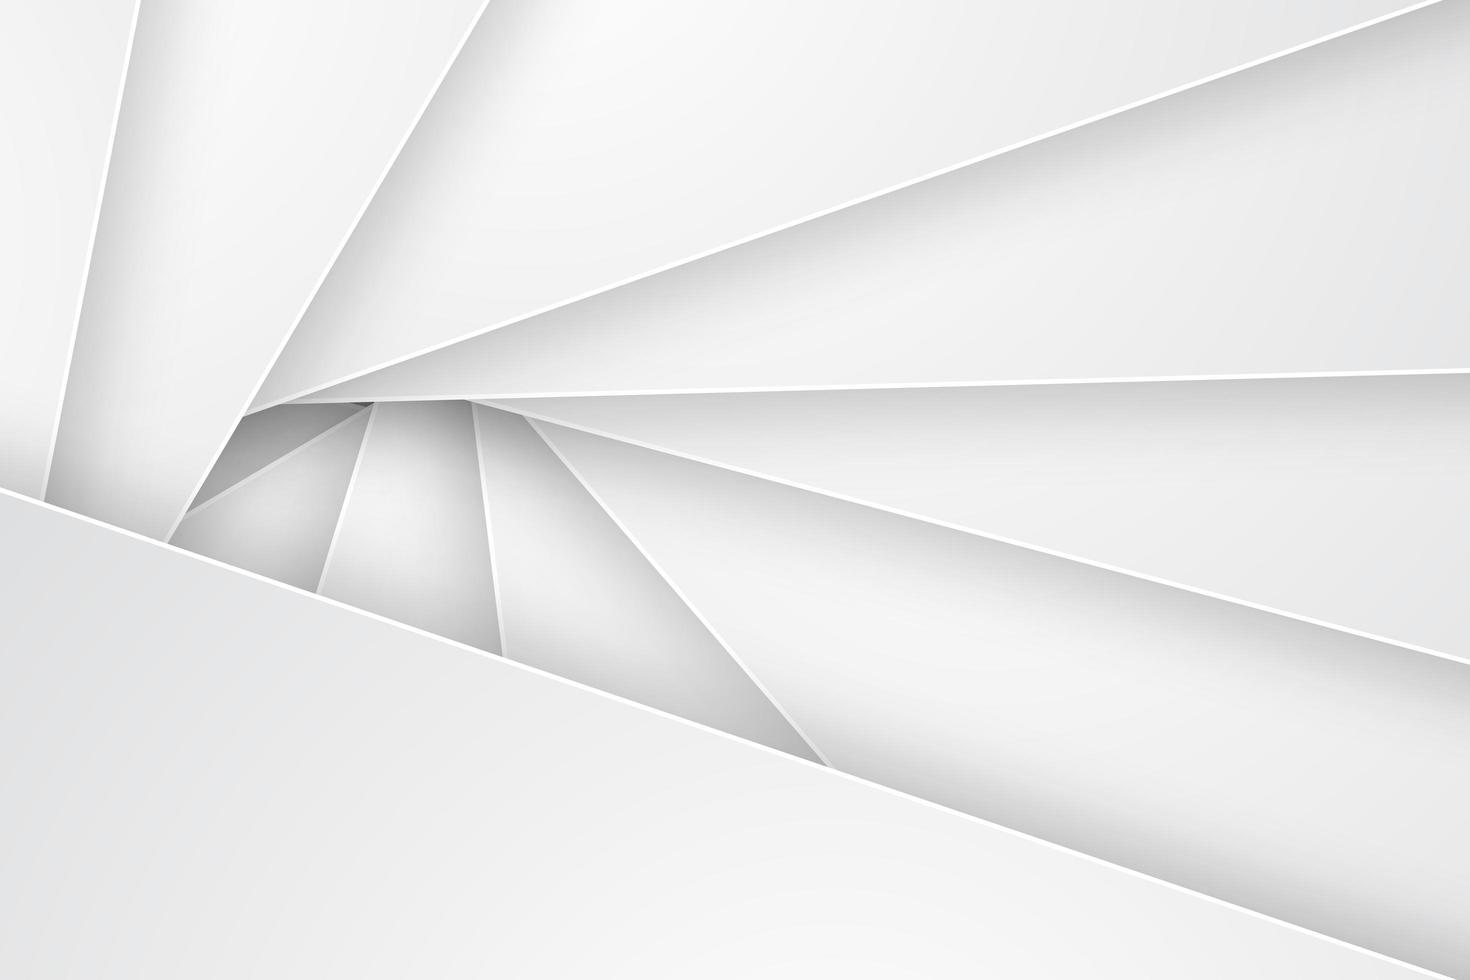 fond blanc abstrait triangulaire vecteur